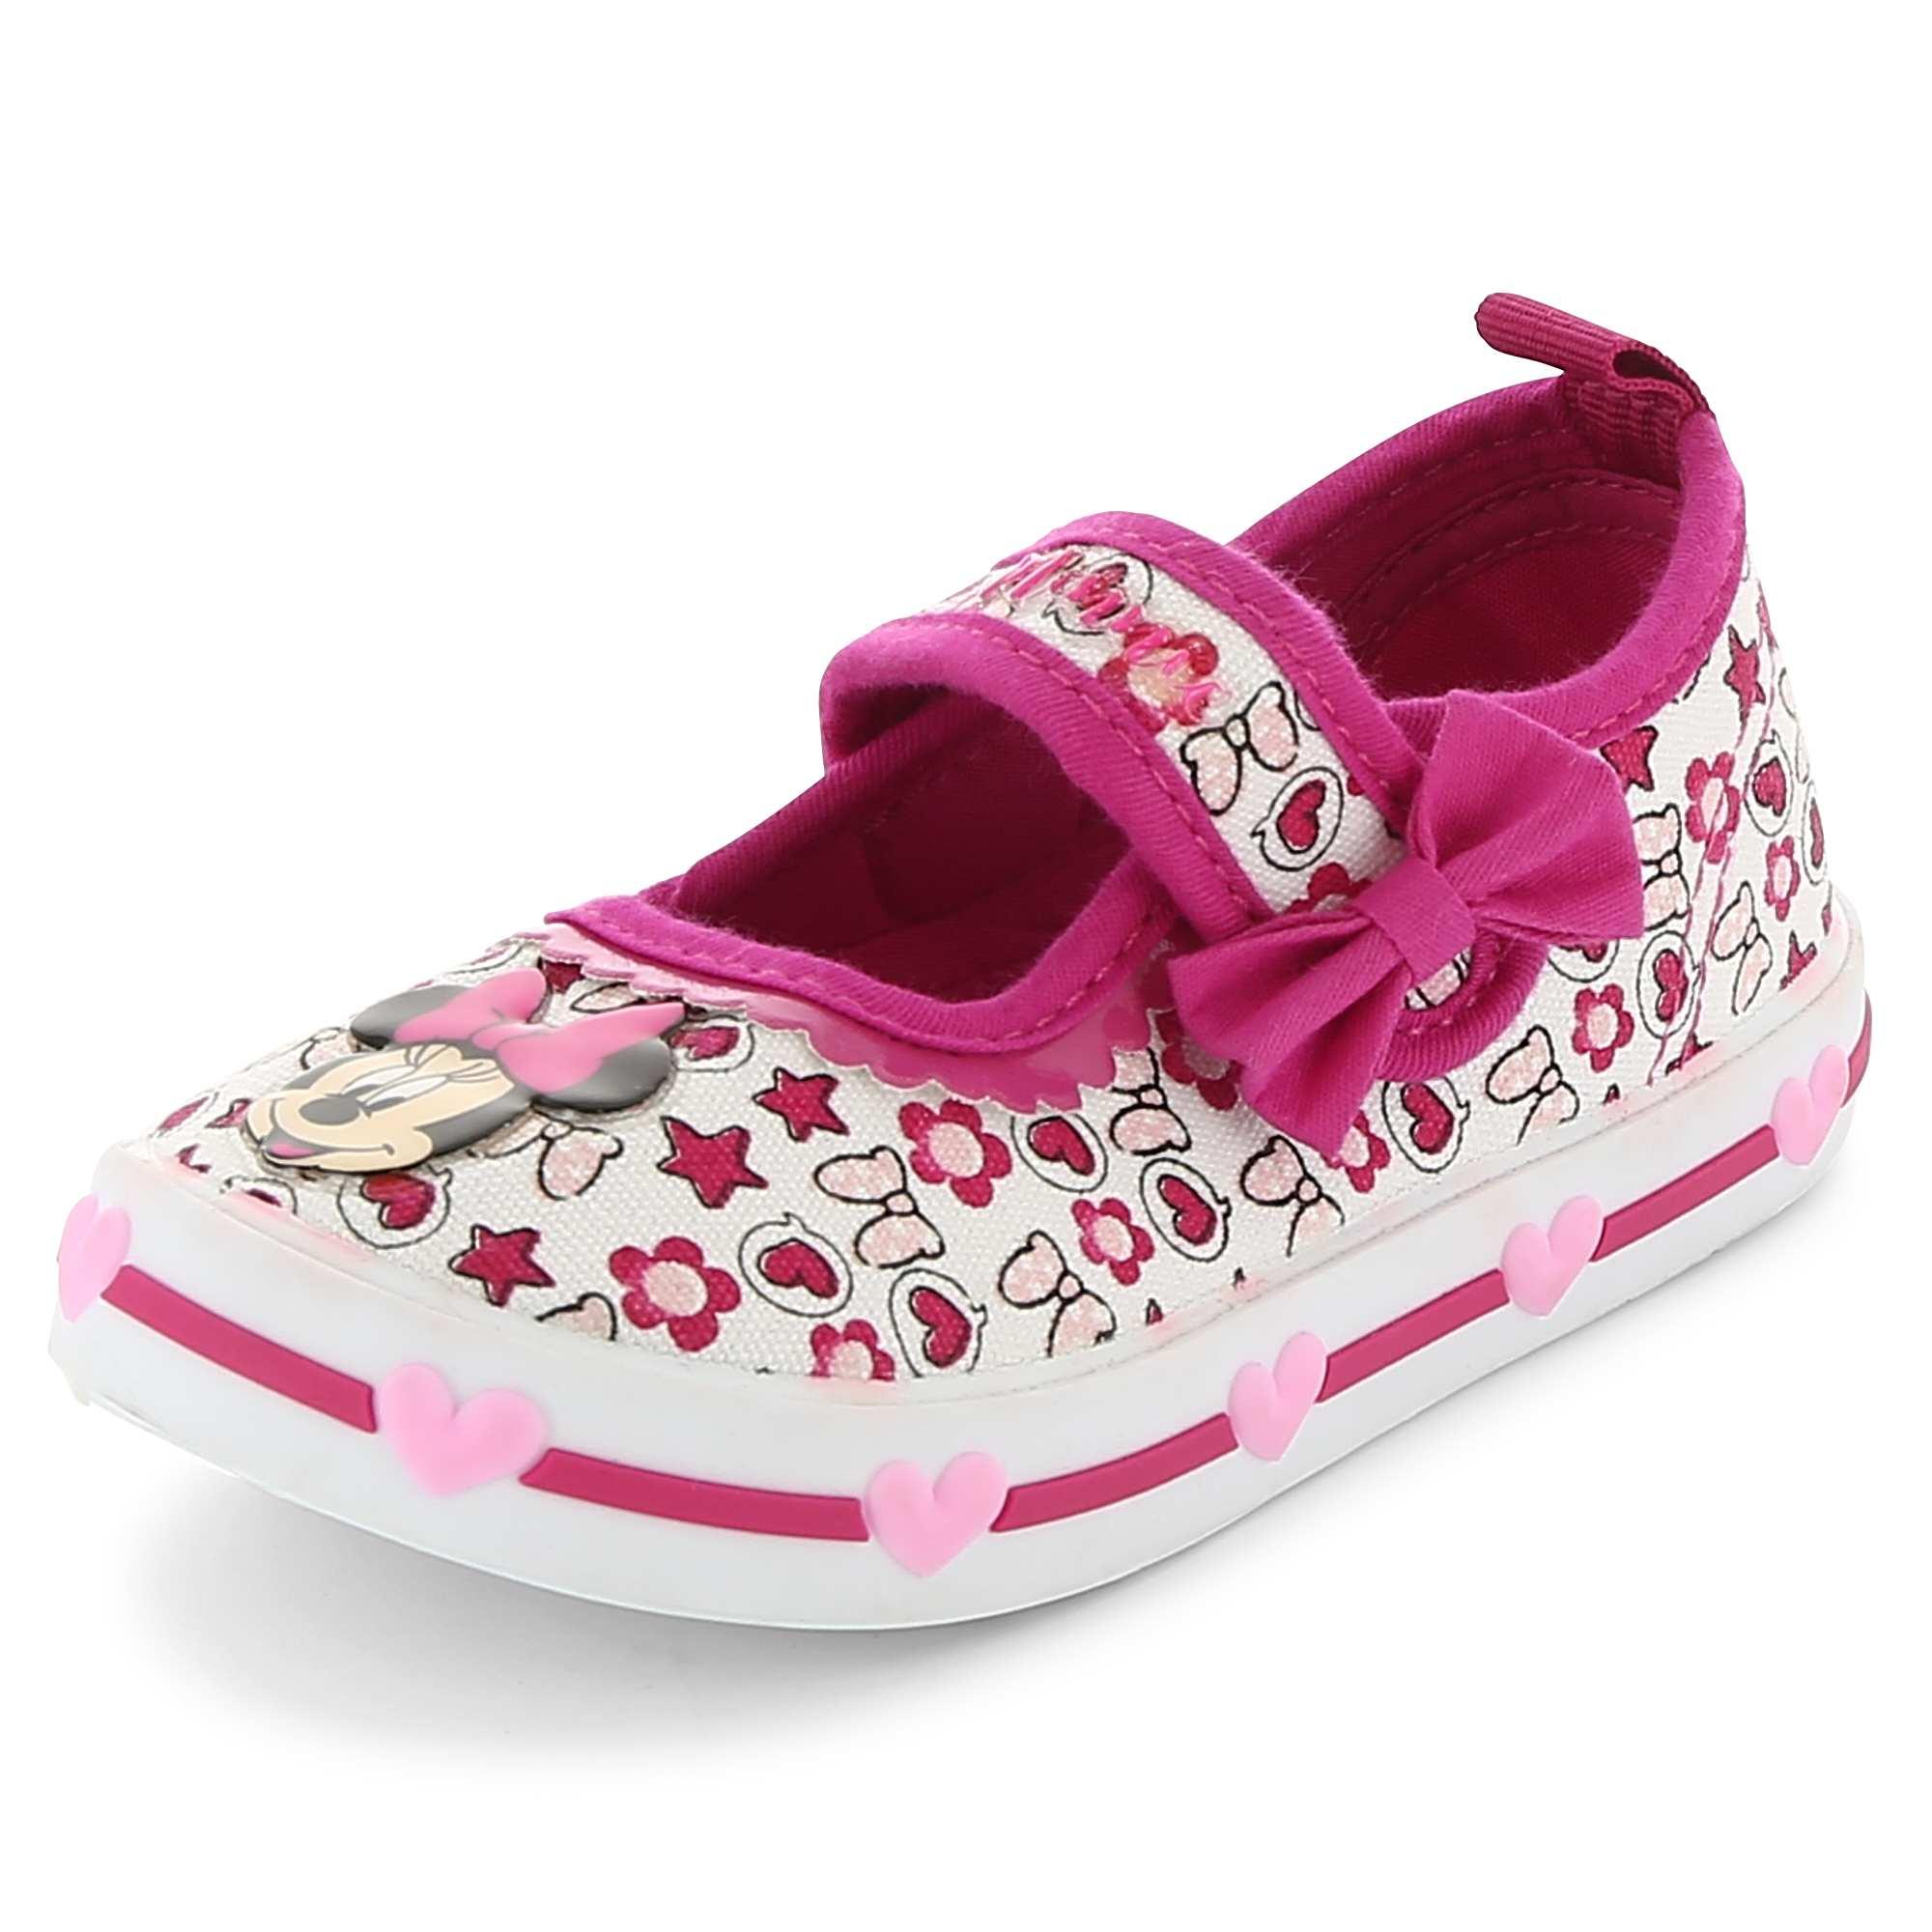 Couleur : blanc/rose, jean, ,, - Taille : 30, 22, 27,21,23Des baskets 'Minnie Mouse' pour les fans du rose ! - Baskets en toile 'Minnie Mouse'